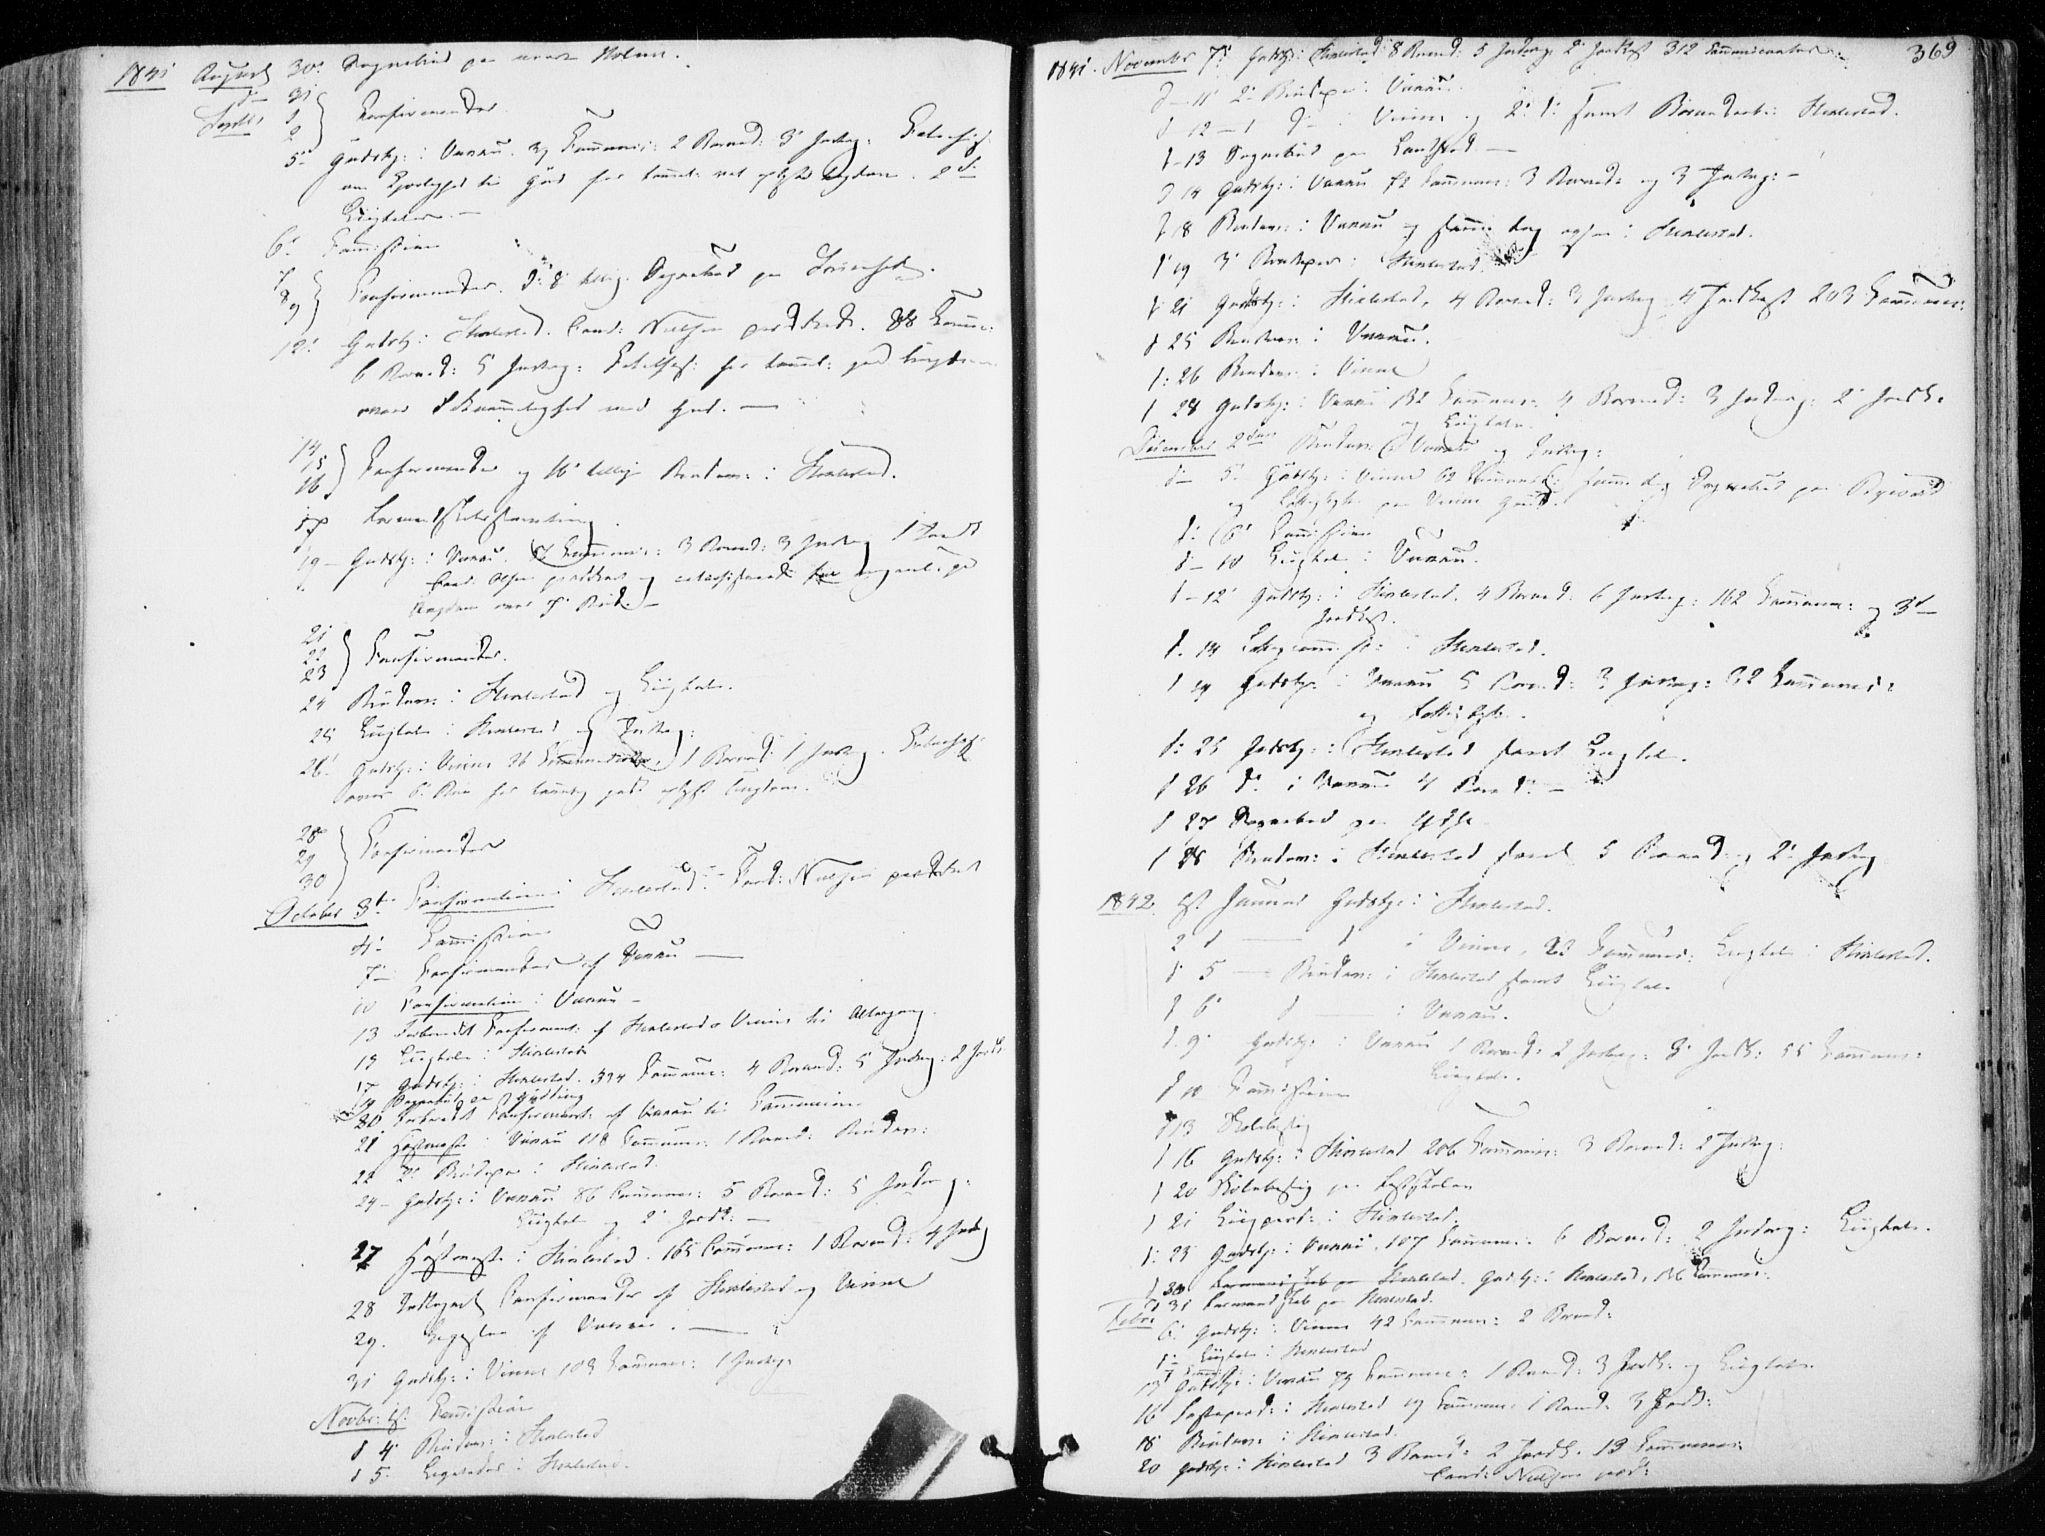 SAT, Ministerialprotokoller, klokkerbøker og fødselsregistre - Nord-Trøndelag, 723/L0239: Ministerialbok nr. 723A08, 1841-1851, s. 369